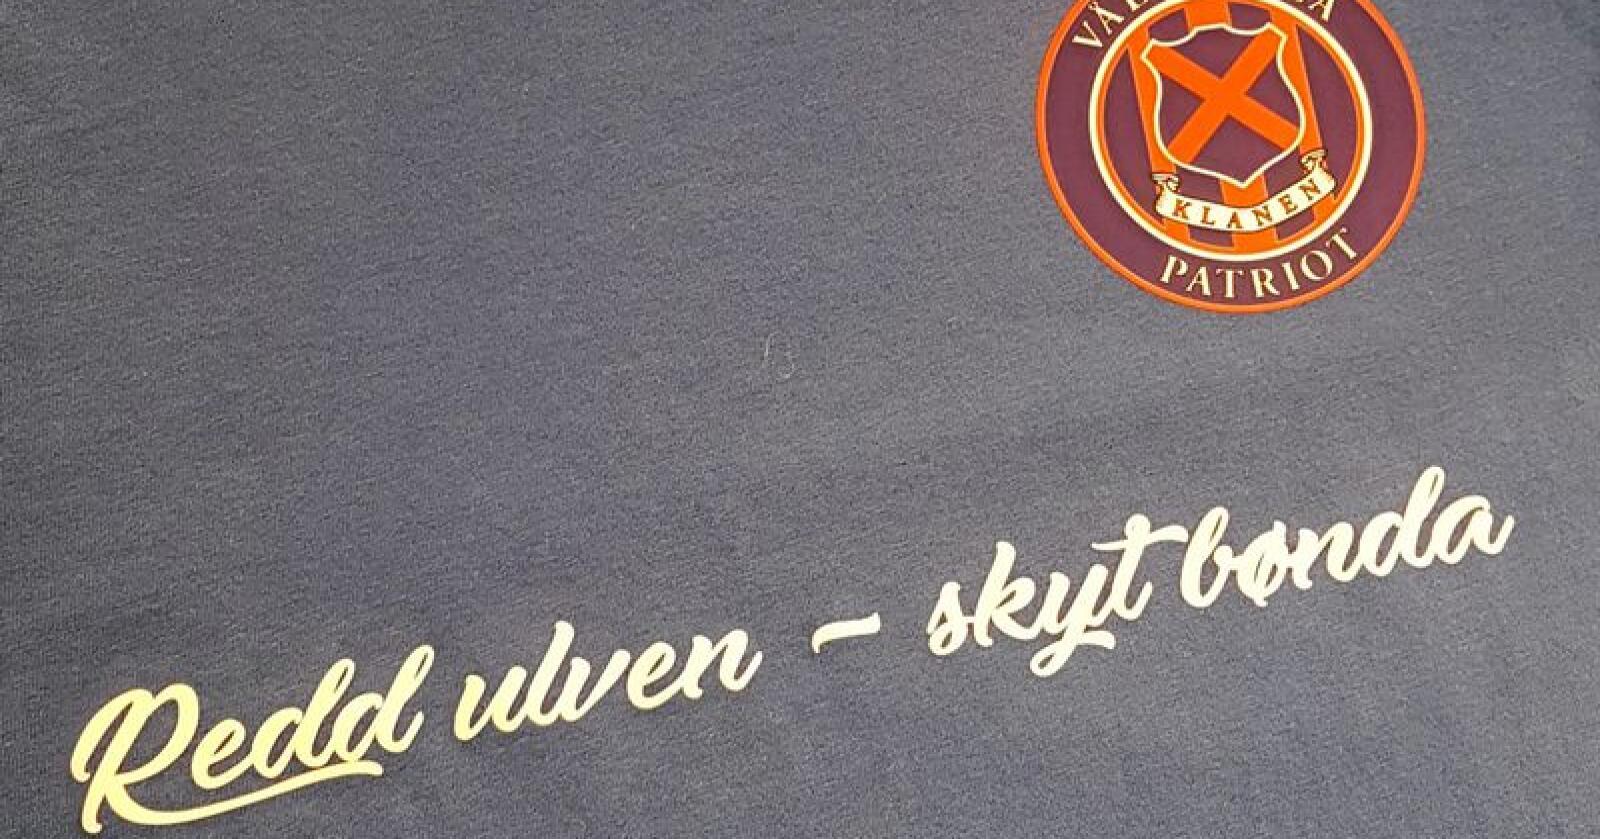 «Redd ulven skyt bønda» står det på de nye t-skjortene til Klanen. Foto: Kristian Kjellsen / Klanen.no